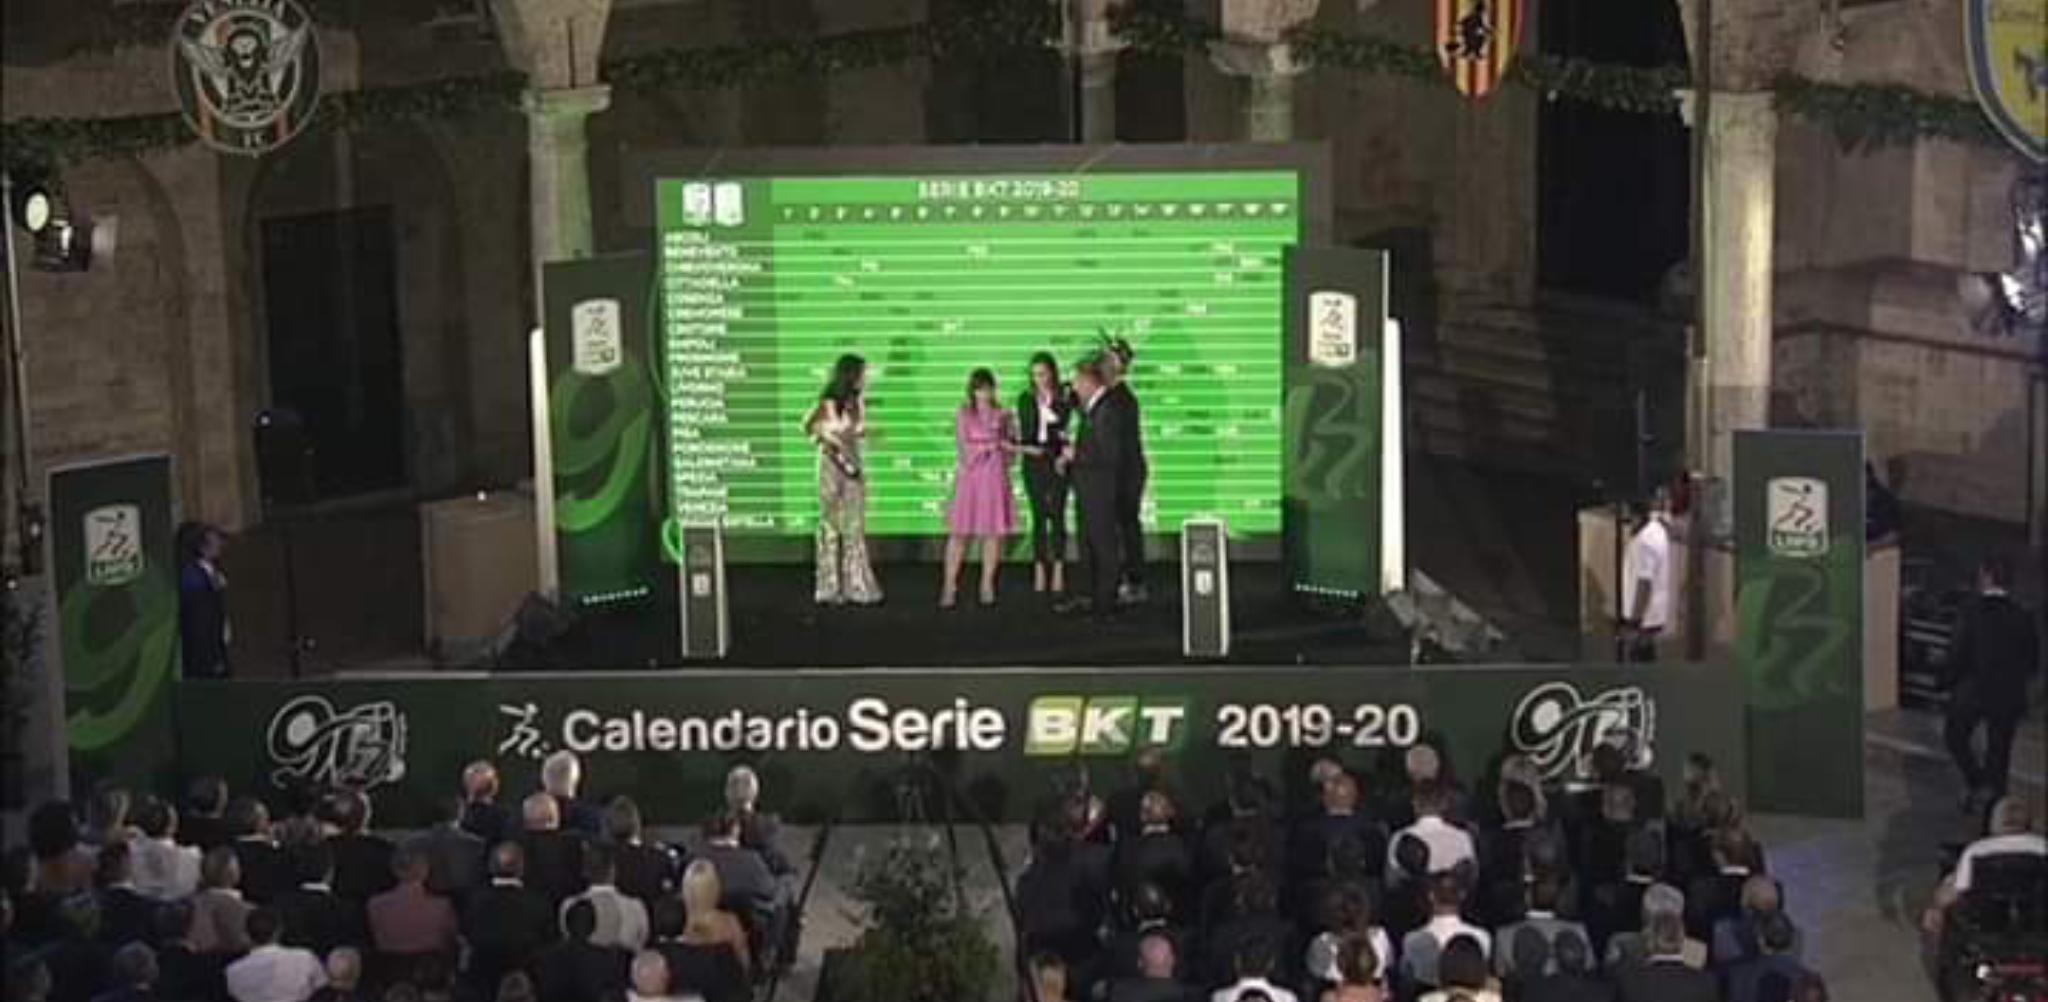 Calendario Serie B 2020 13.Calendari Serie Bkt Derby In Calabria Crotone Cosenza